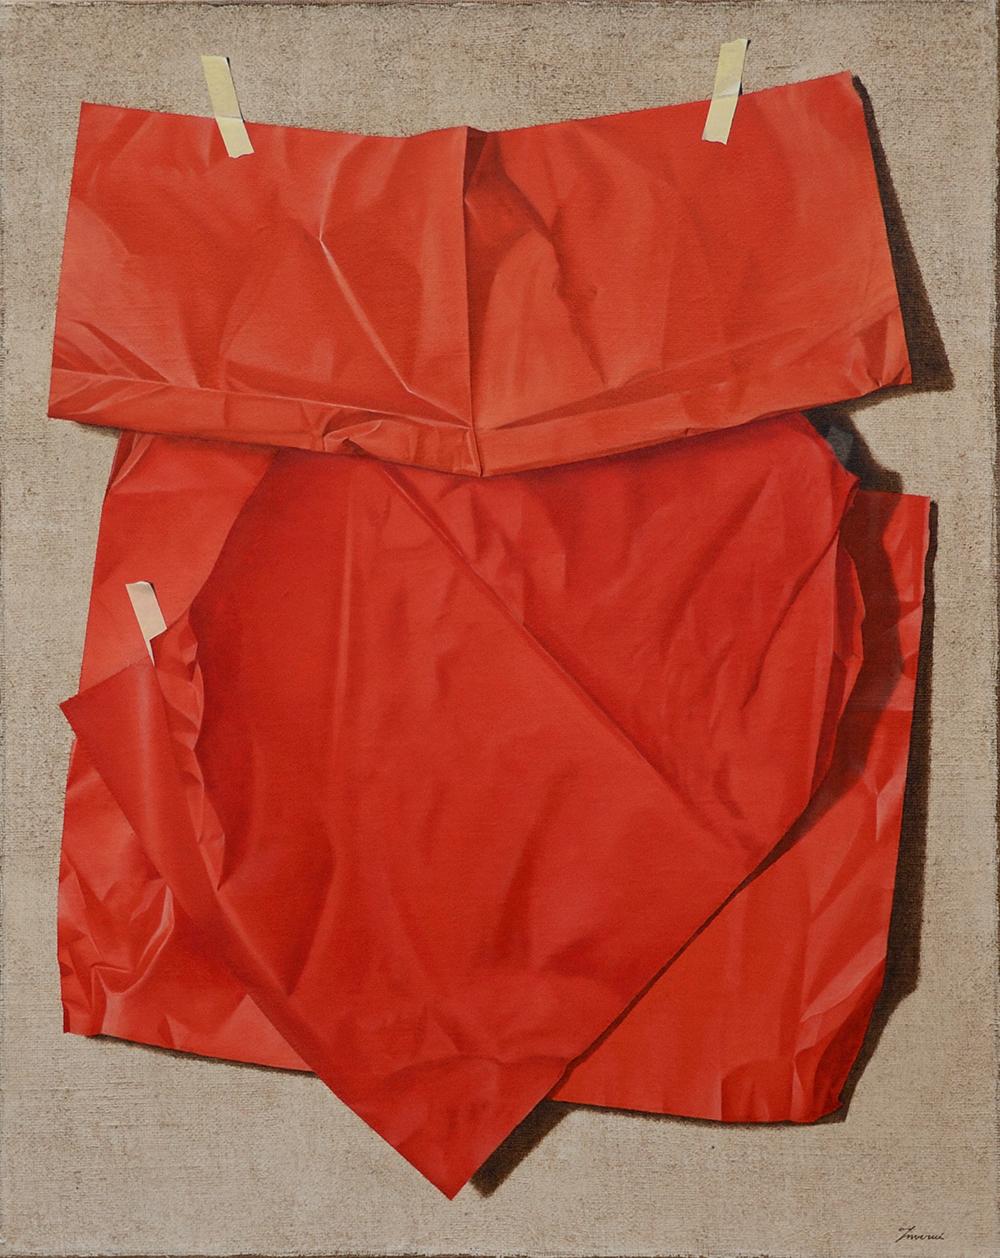 Rosso Fiorentino, 2013, Olio su tela, 80 x 100 cm